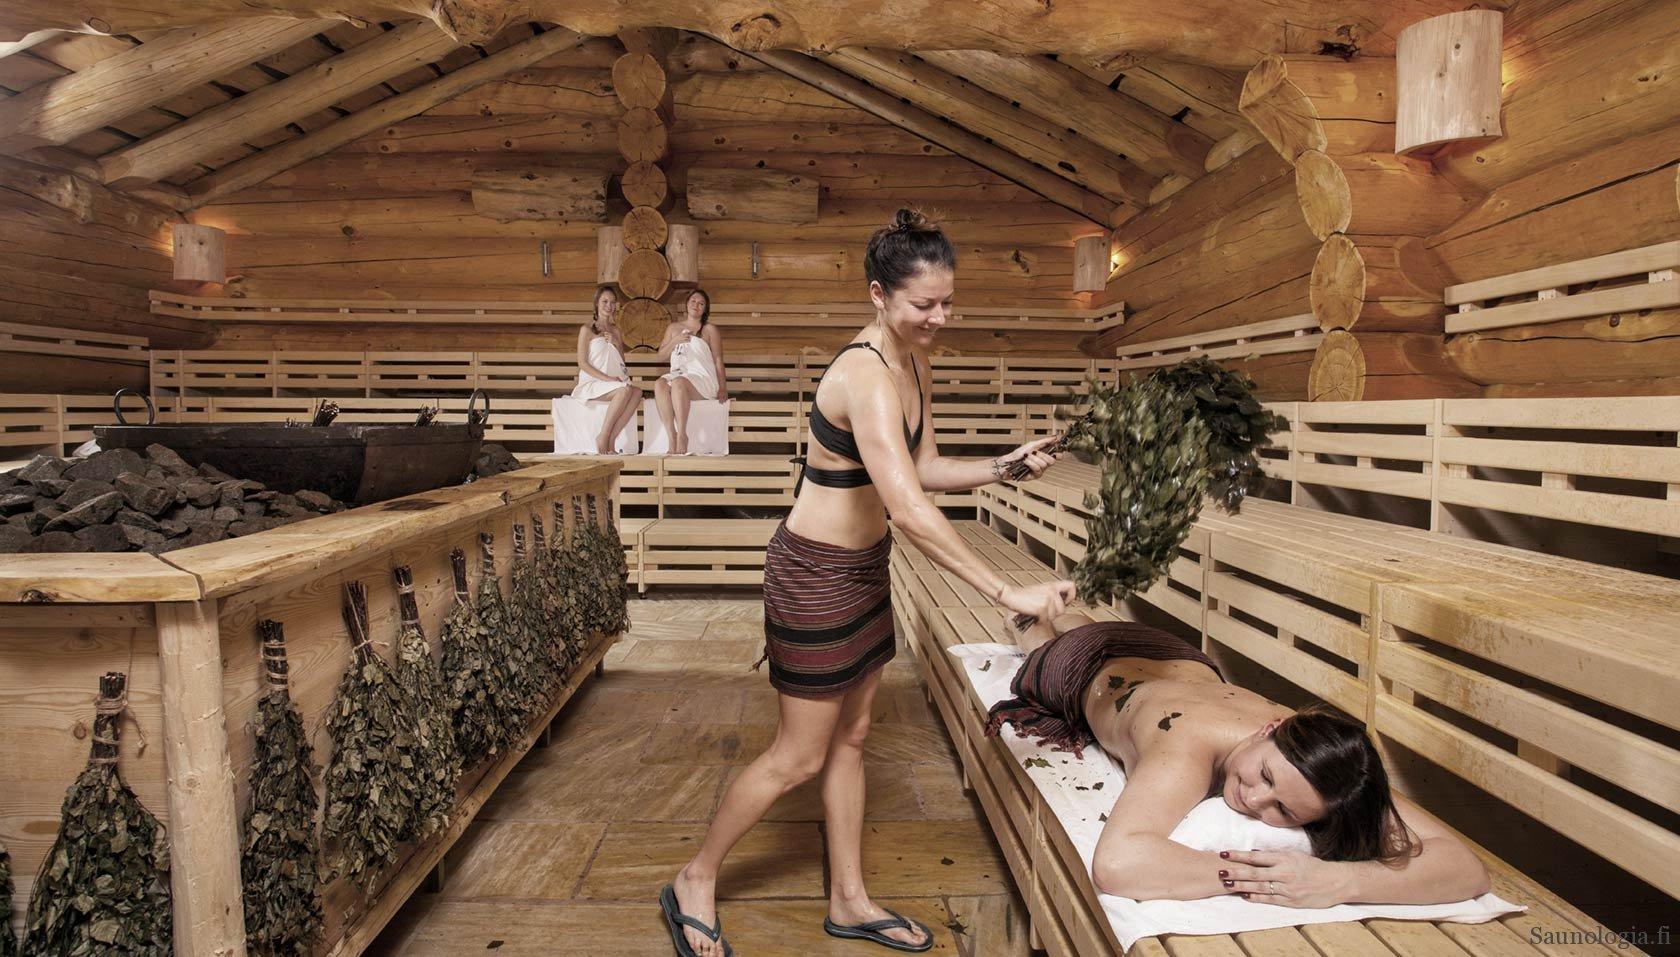 Maailman suurin saunakeskus –Therme Erding saunahuvipuisto